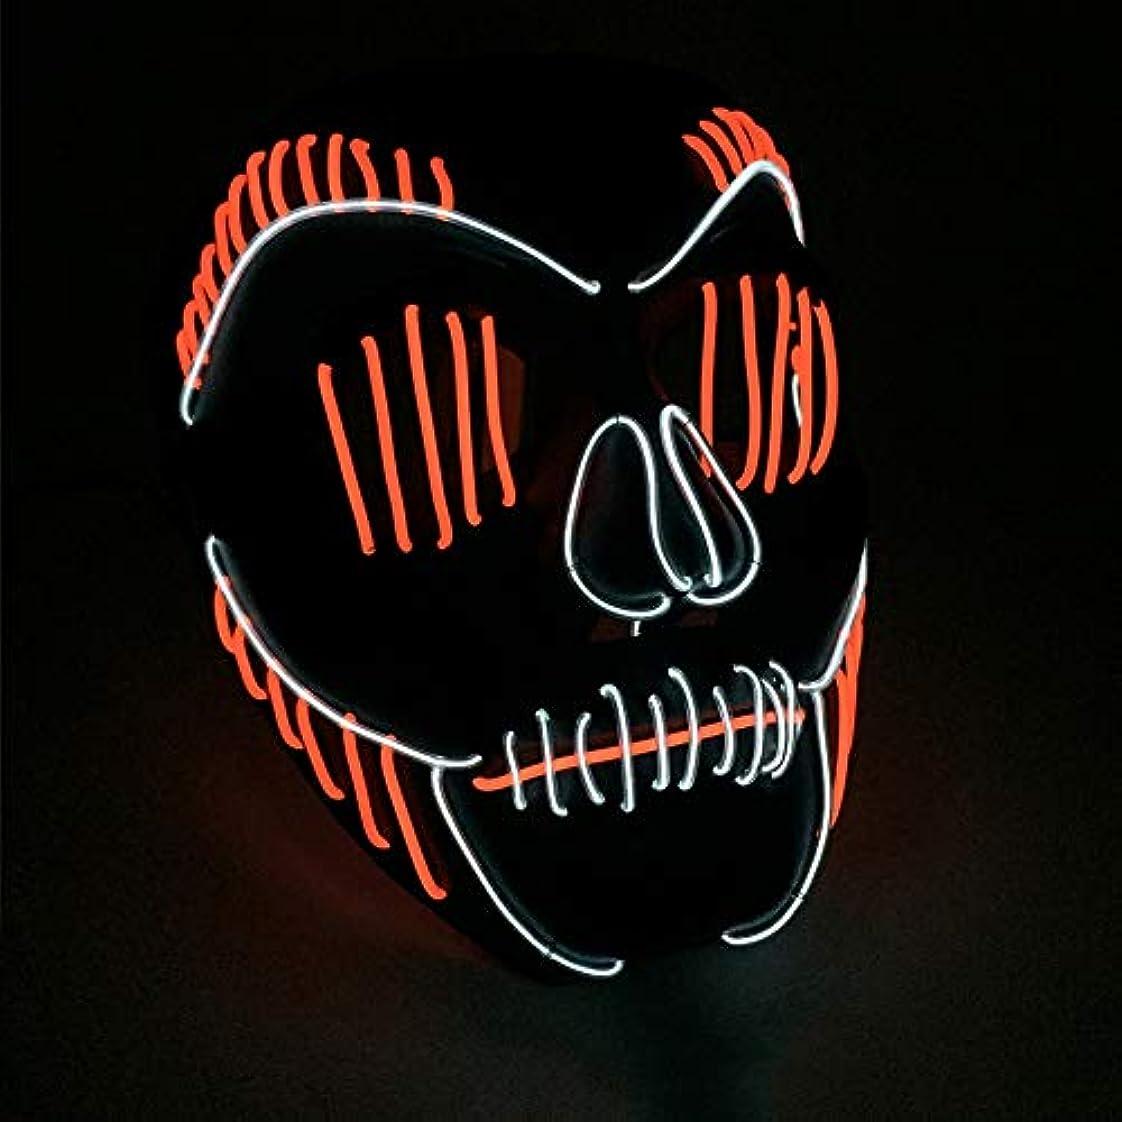 定数意外上がる小さなスリット口 かすかな イルミネーション LED マスク ハロウィン マスク ダンサー プロム パーティー ELワイヤー プロップ (18×18Cm) MAG.AL